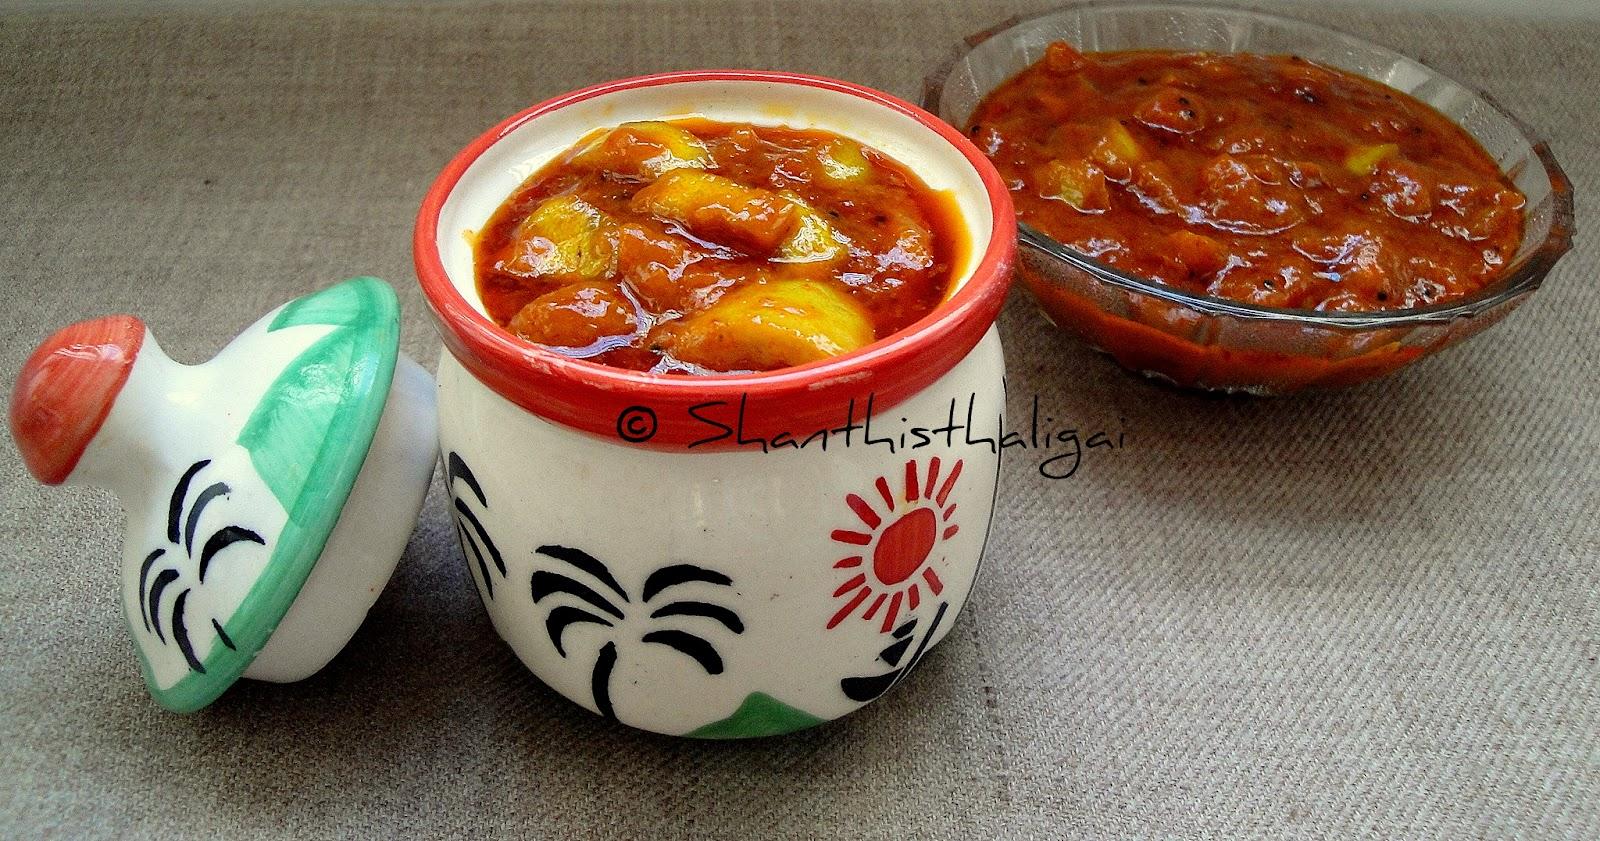 Kdaranga oorugai recipe, How to make Kidarangai oorugai?, Kidarangai oorugai, Kadarangai oorugai